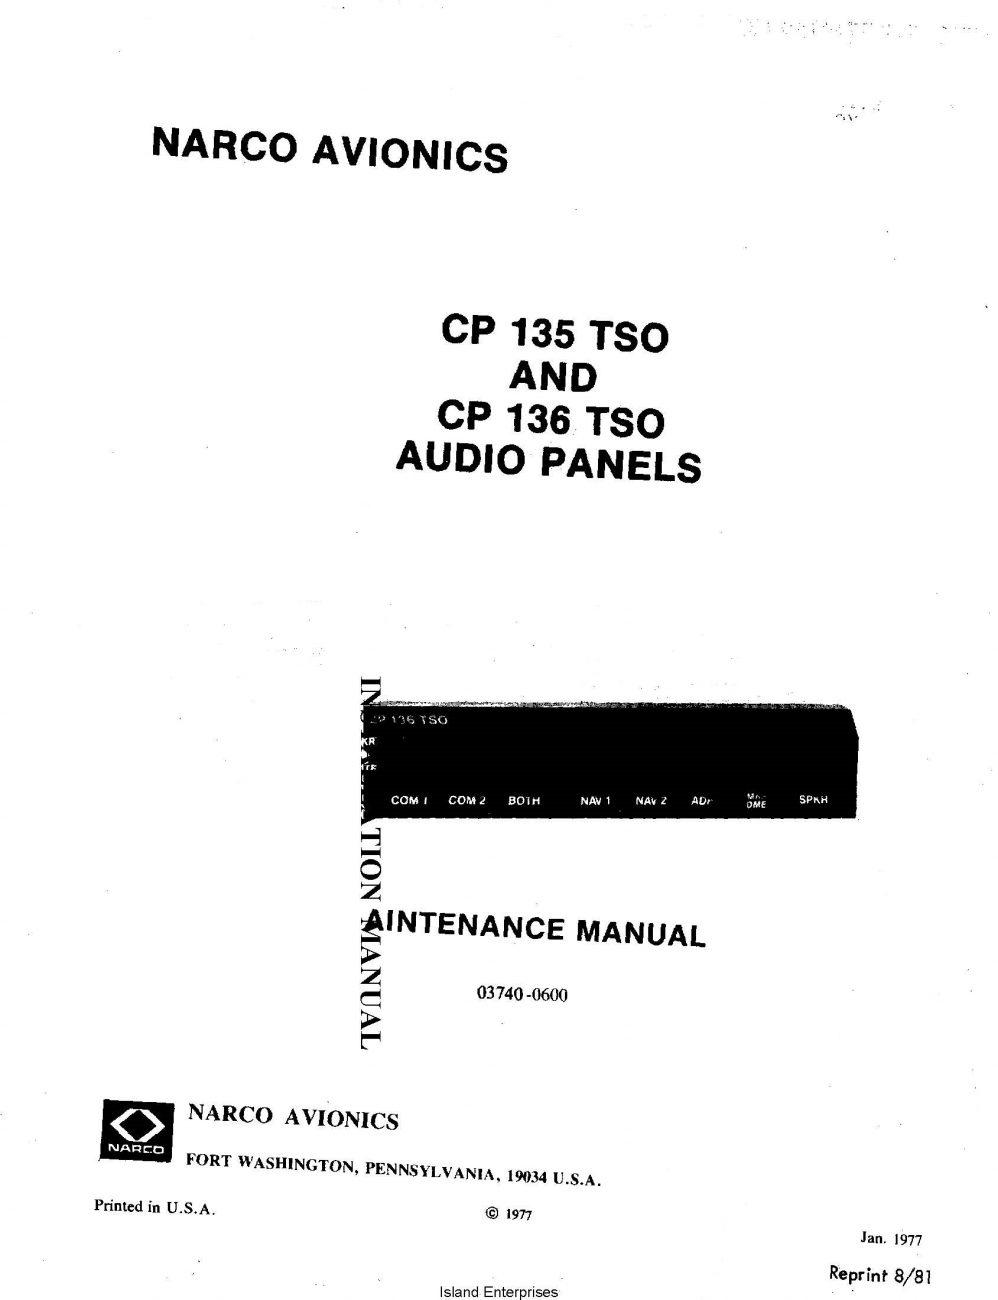 Narco Avionics CP 135 TSO and CP 136 TSO Audio Panels